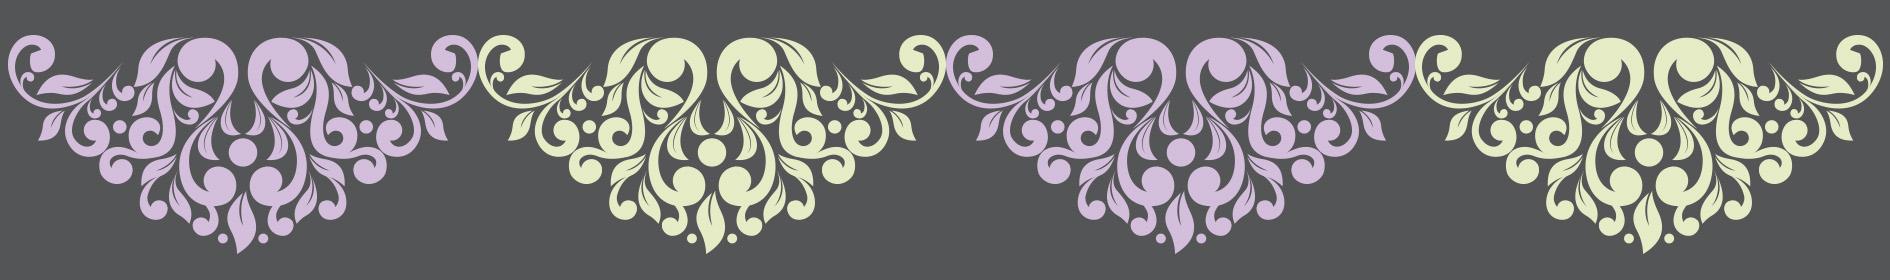 flors-estetica-sinergia-tractaments-bellesa